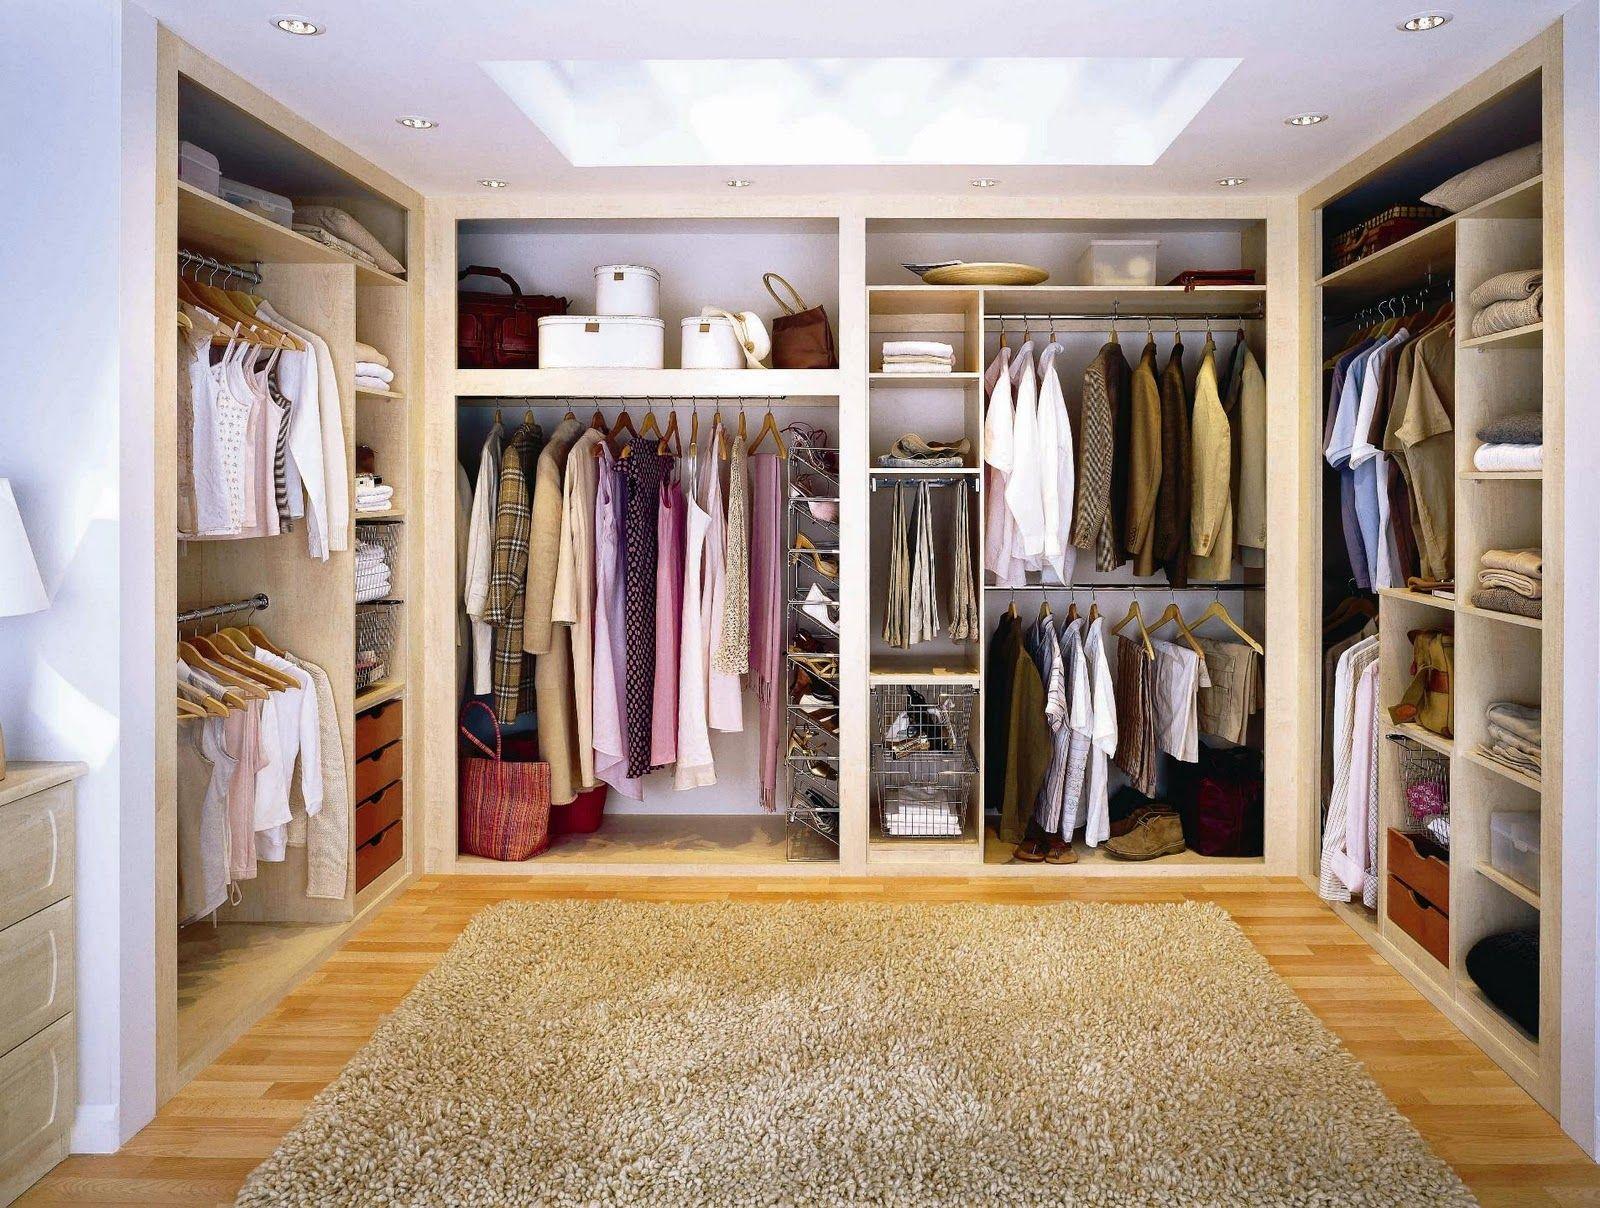 Walk In Closet Design Tool:marvellous Featured Ideas Stylish Walk In Closet  Design Shelving Ideas Tool Ikea To Go System Shelves Walk In Closet  Organizer ...